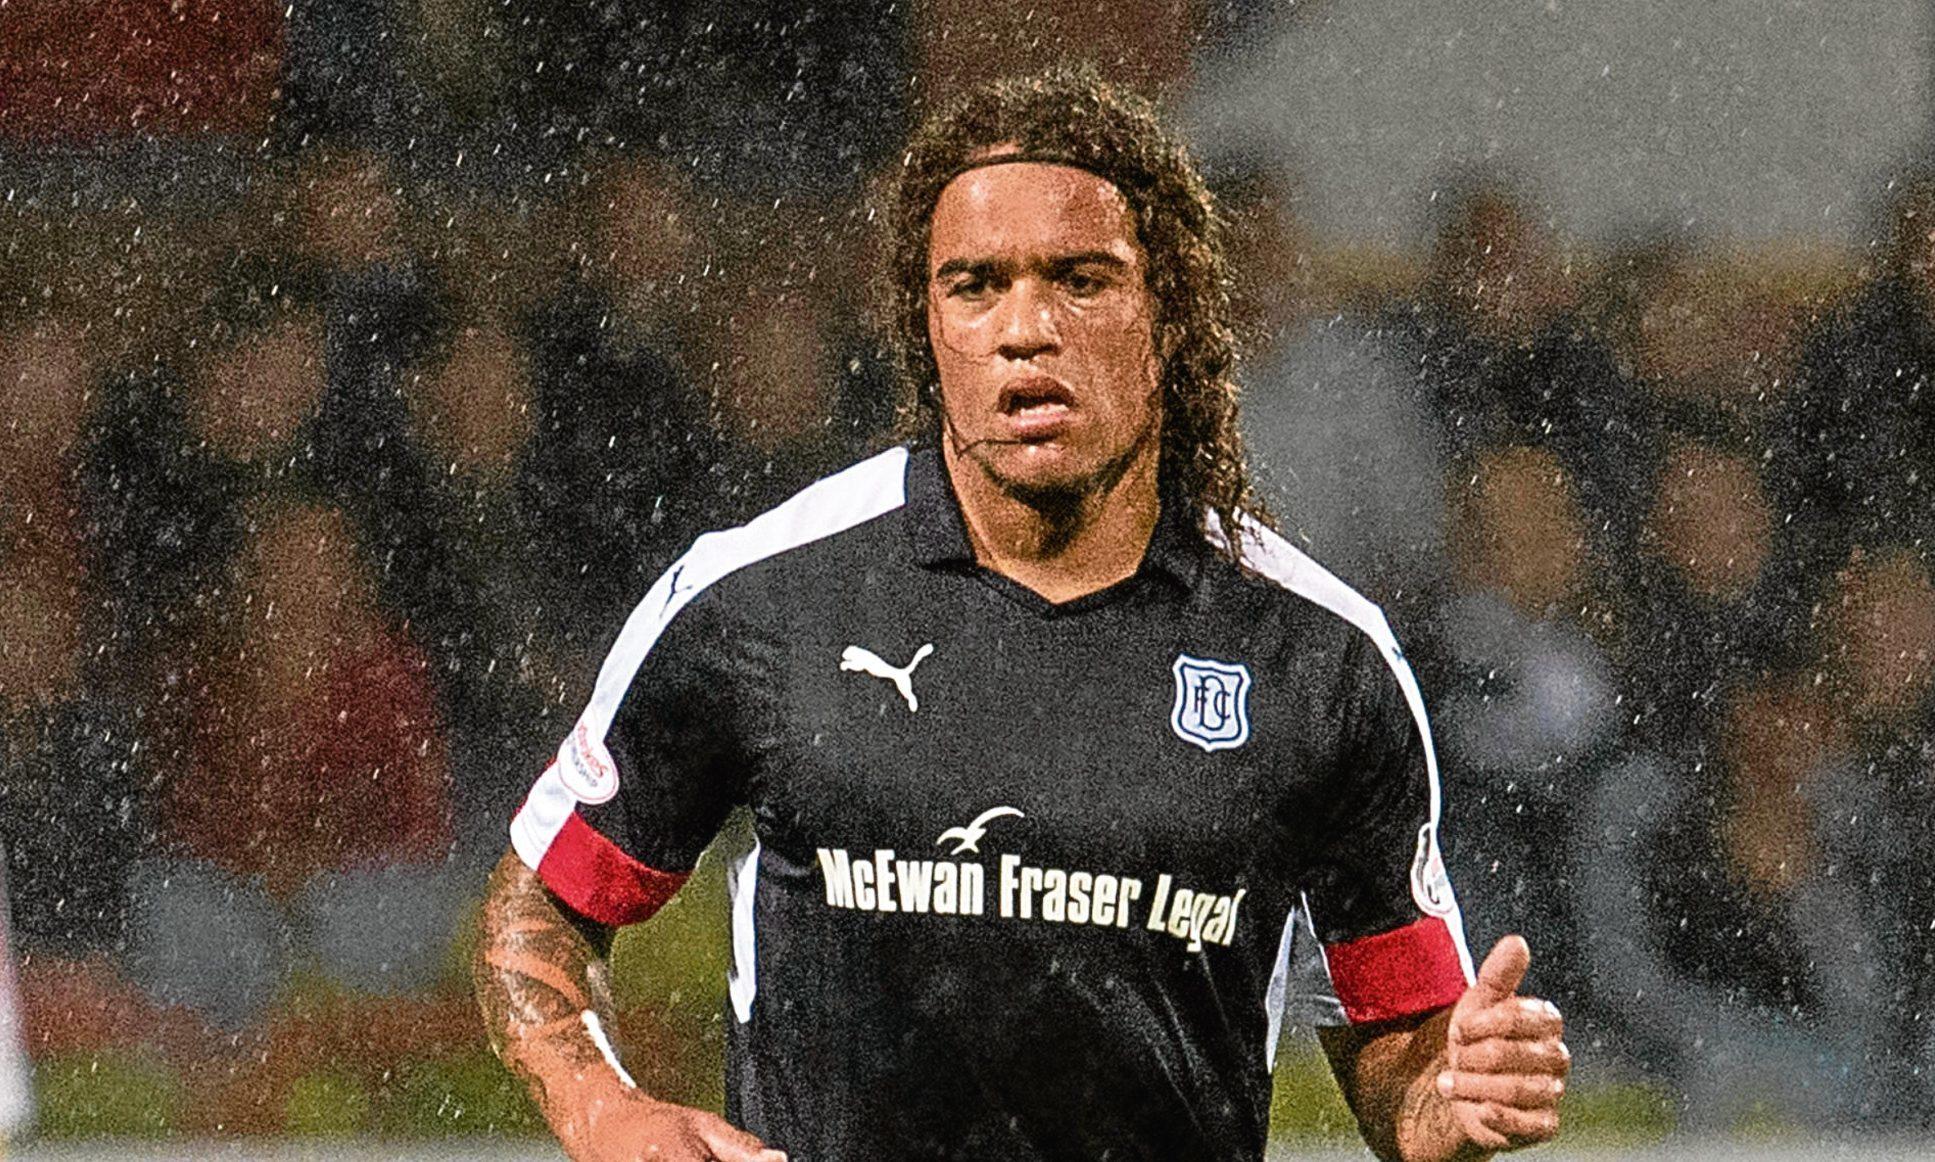 Yordi Teijsse in action for Dundee